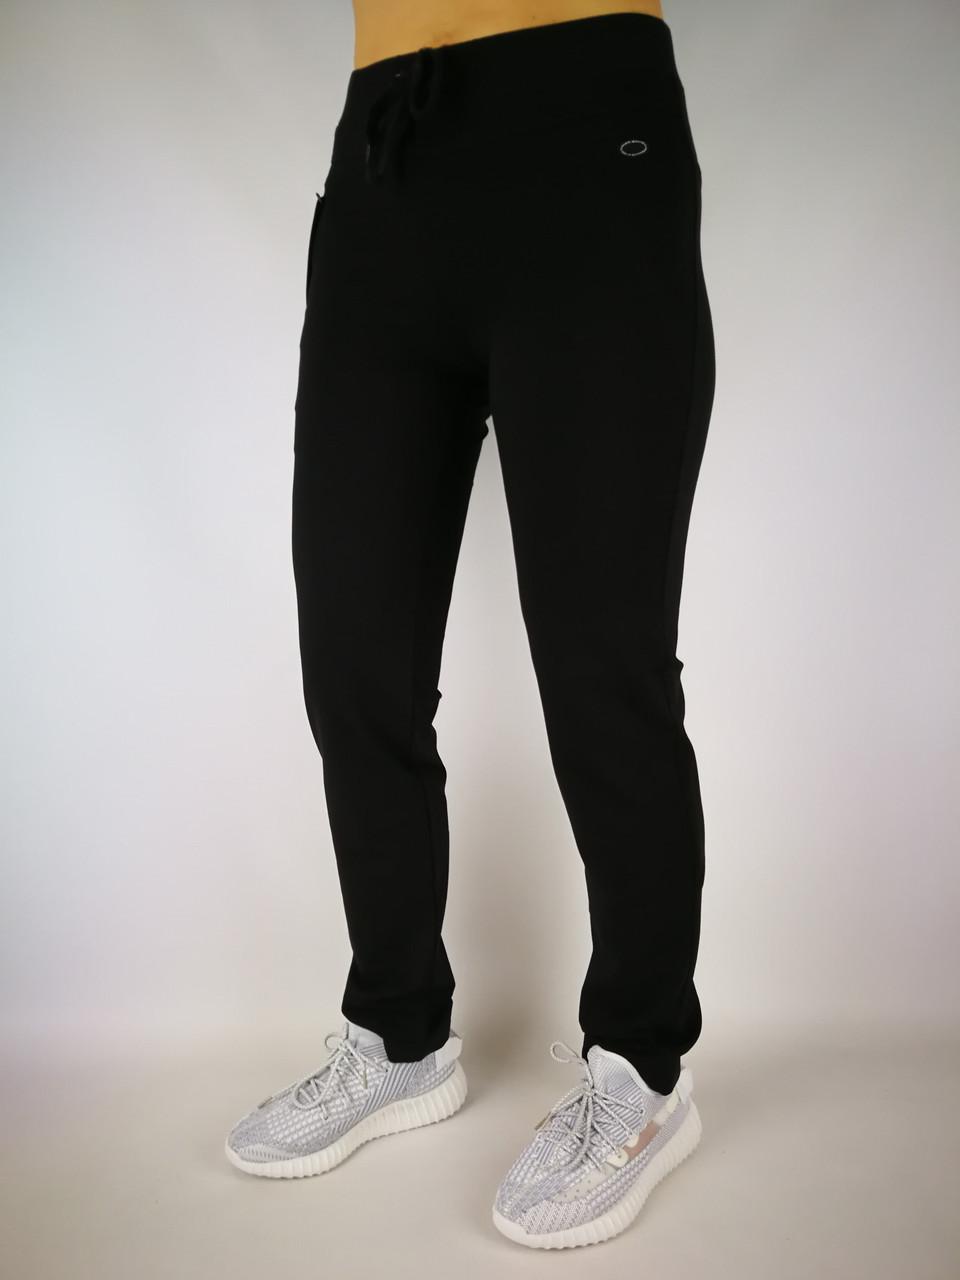 Женские спортивные  штаны Турция